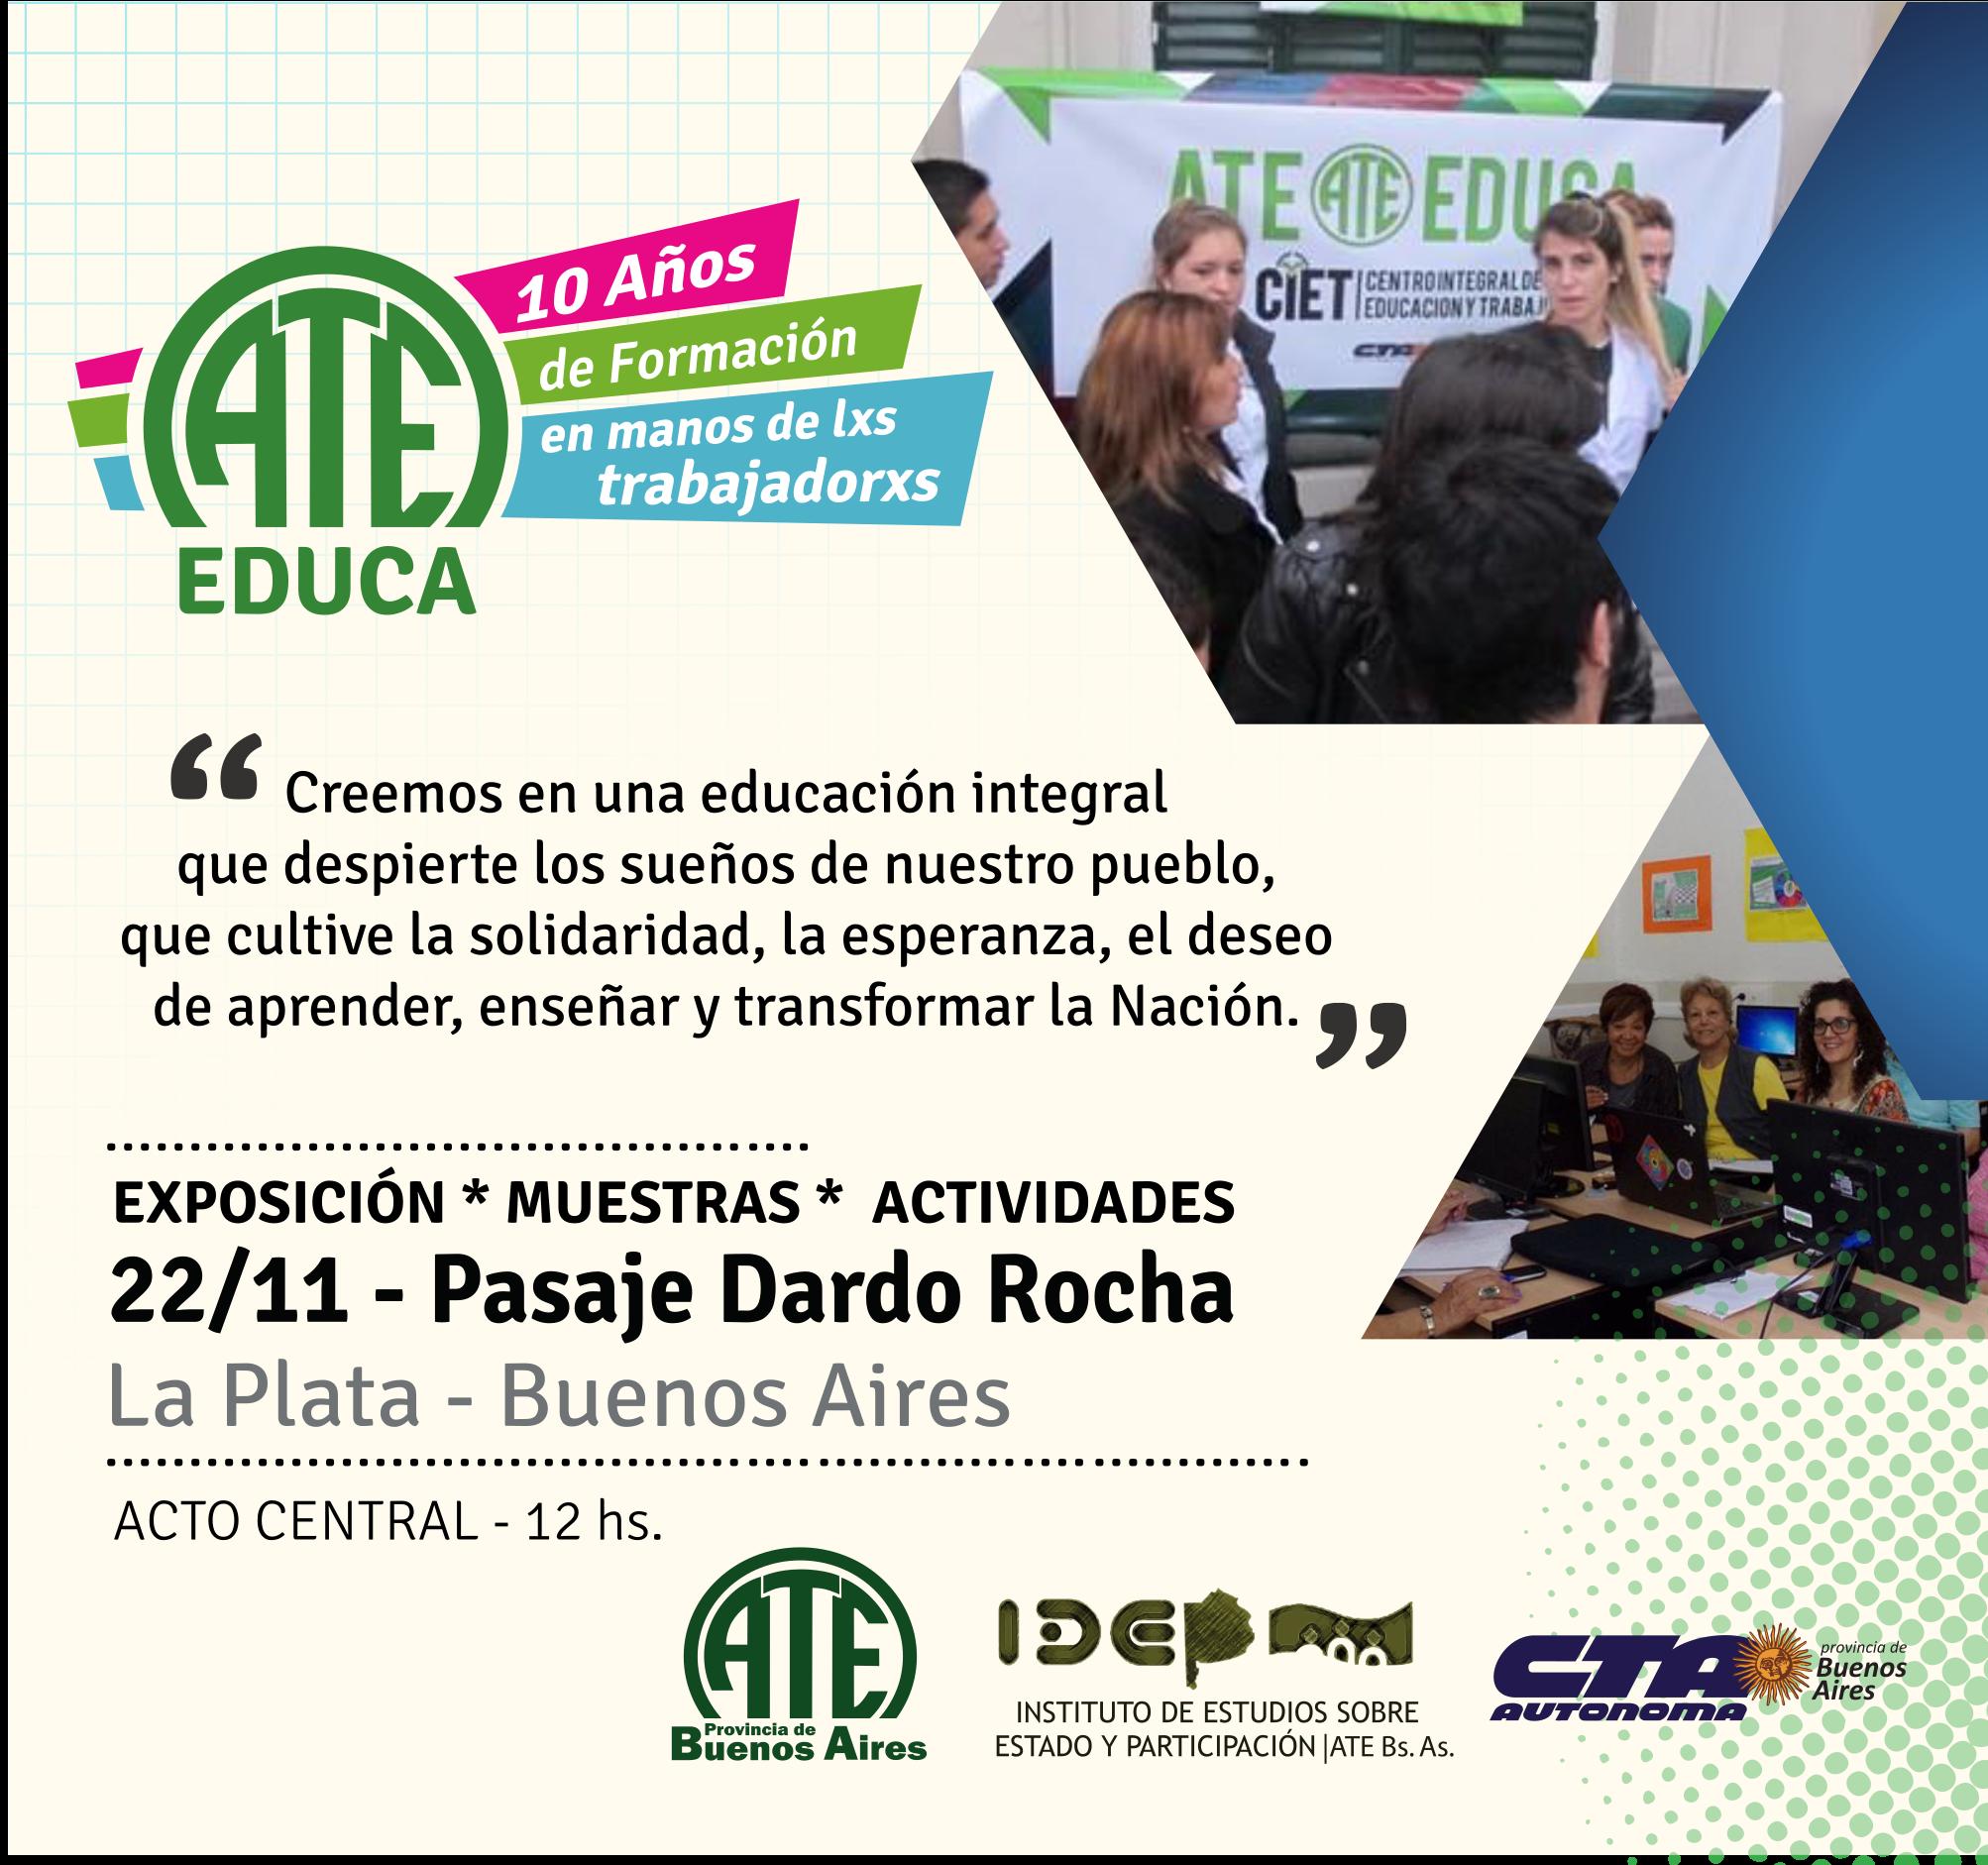 Invitación a ATE EDUCA - 10 Años